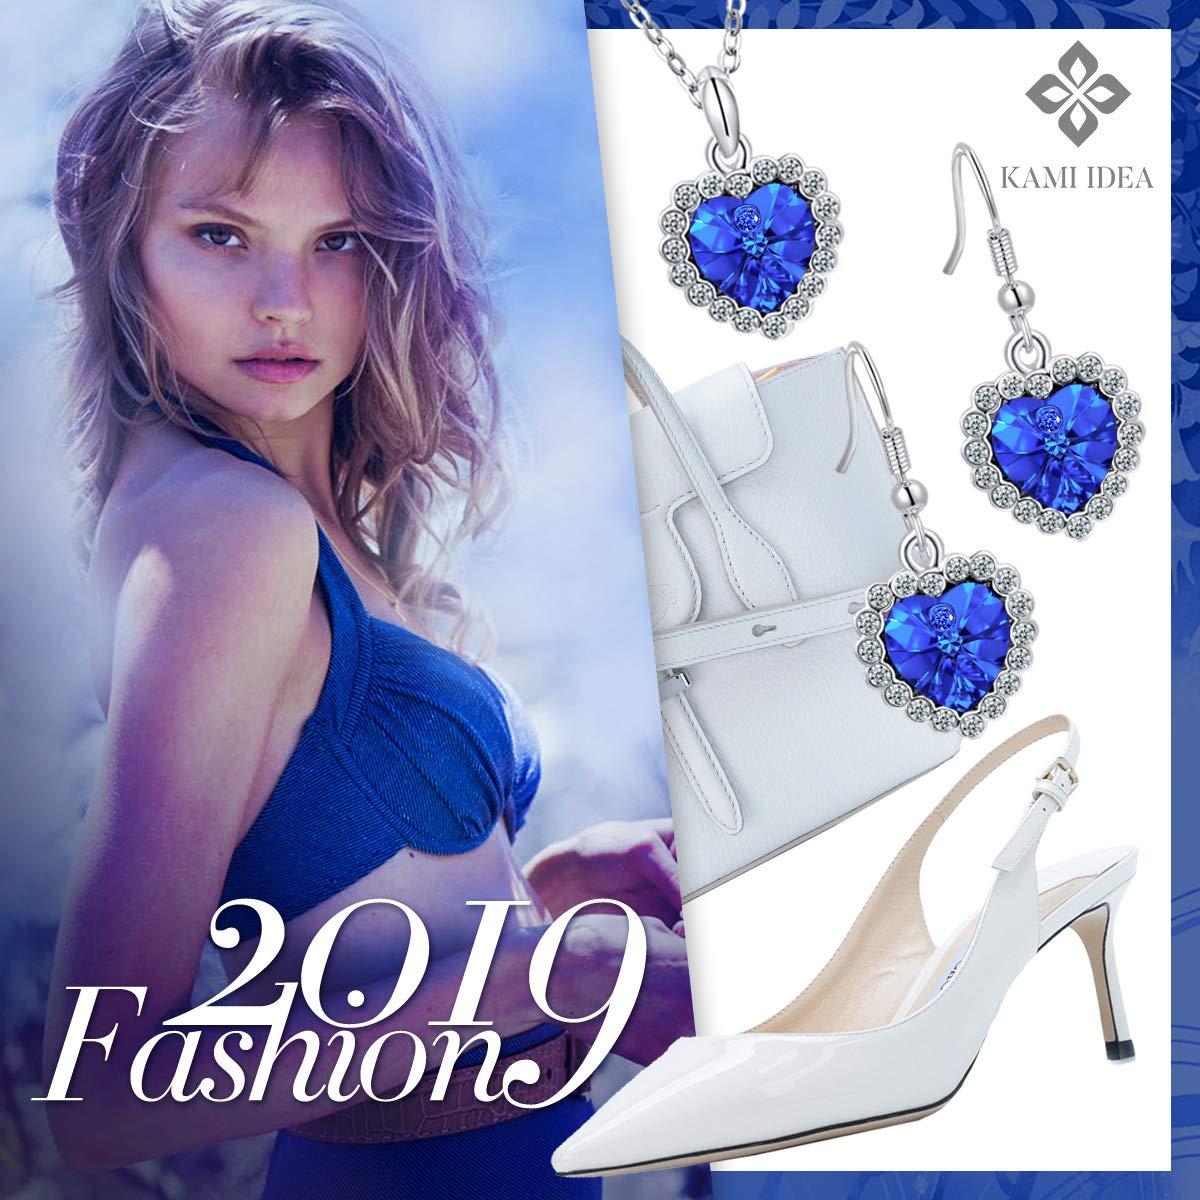 Cadeau de No/ël Kami Idea Ensemble de Bijoux Cristal Coeur Bleu de Swarovski Collier et Bracelet et Boucles doreilles Amour Bleu Bo/îte /à Bijoux